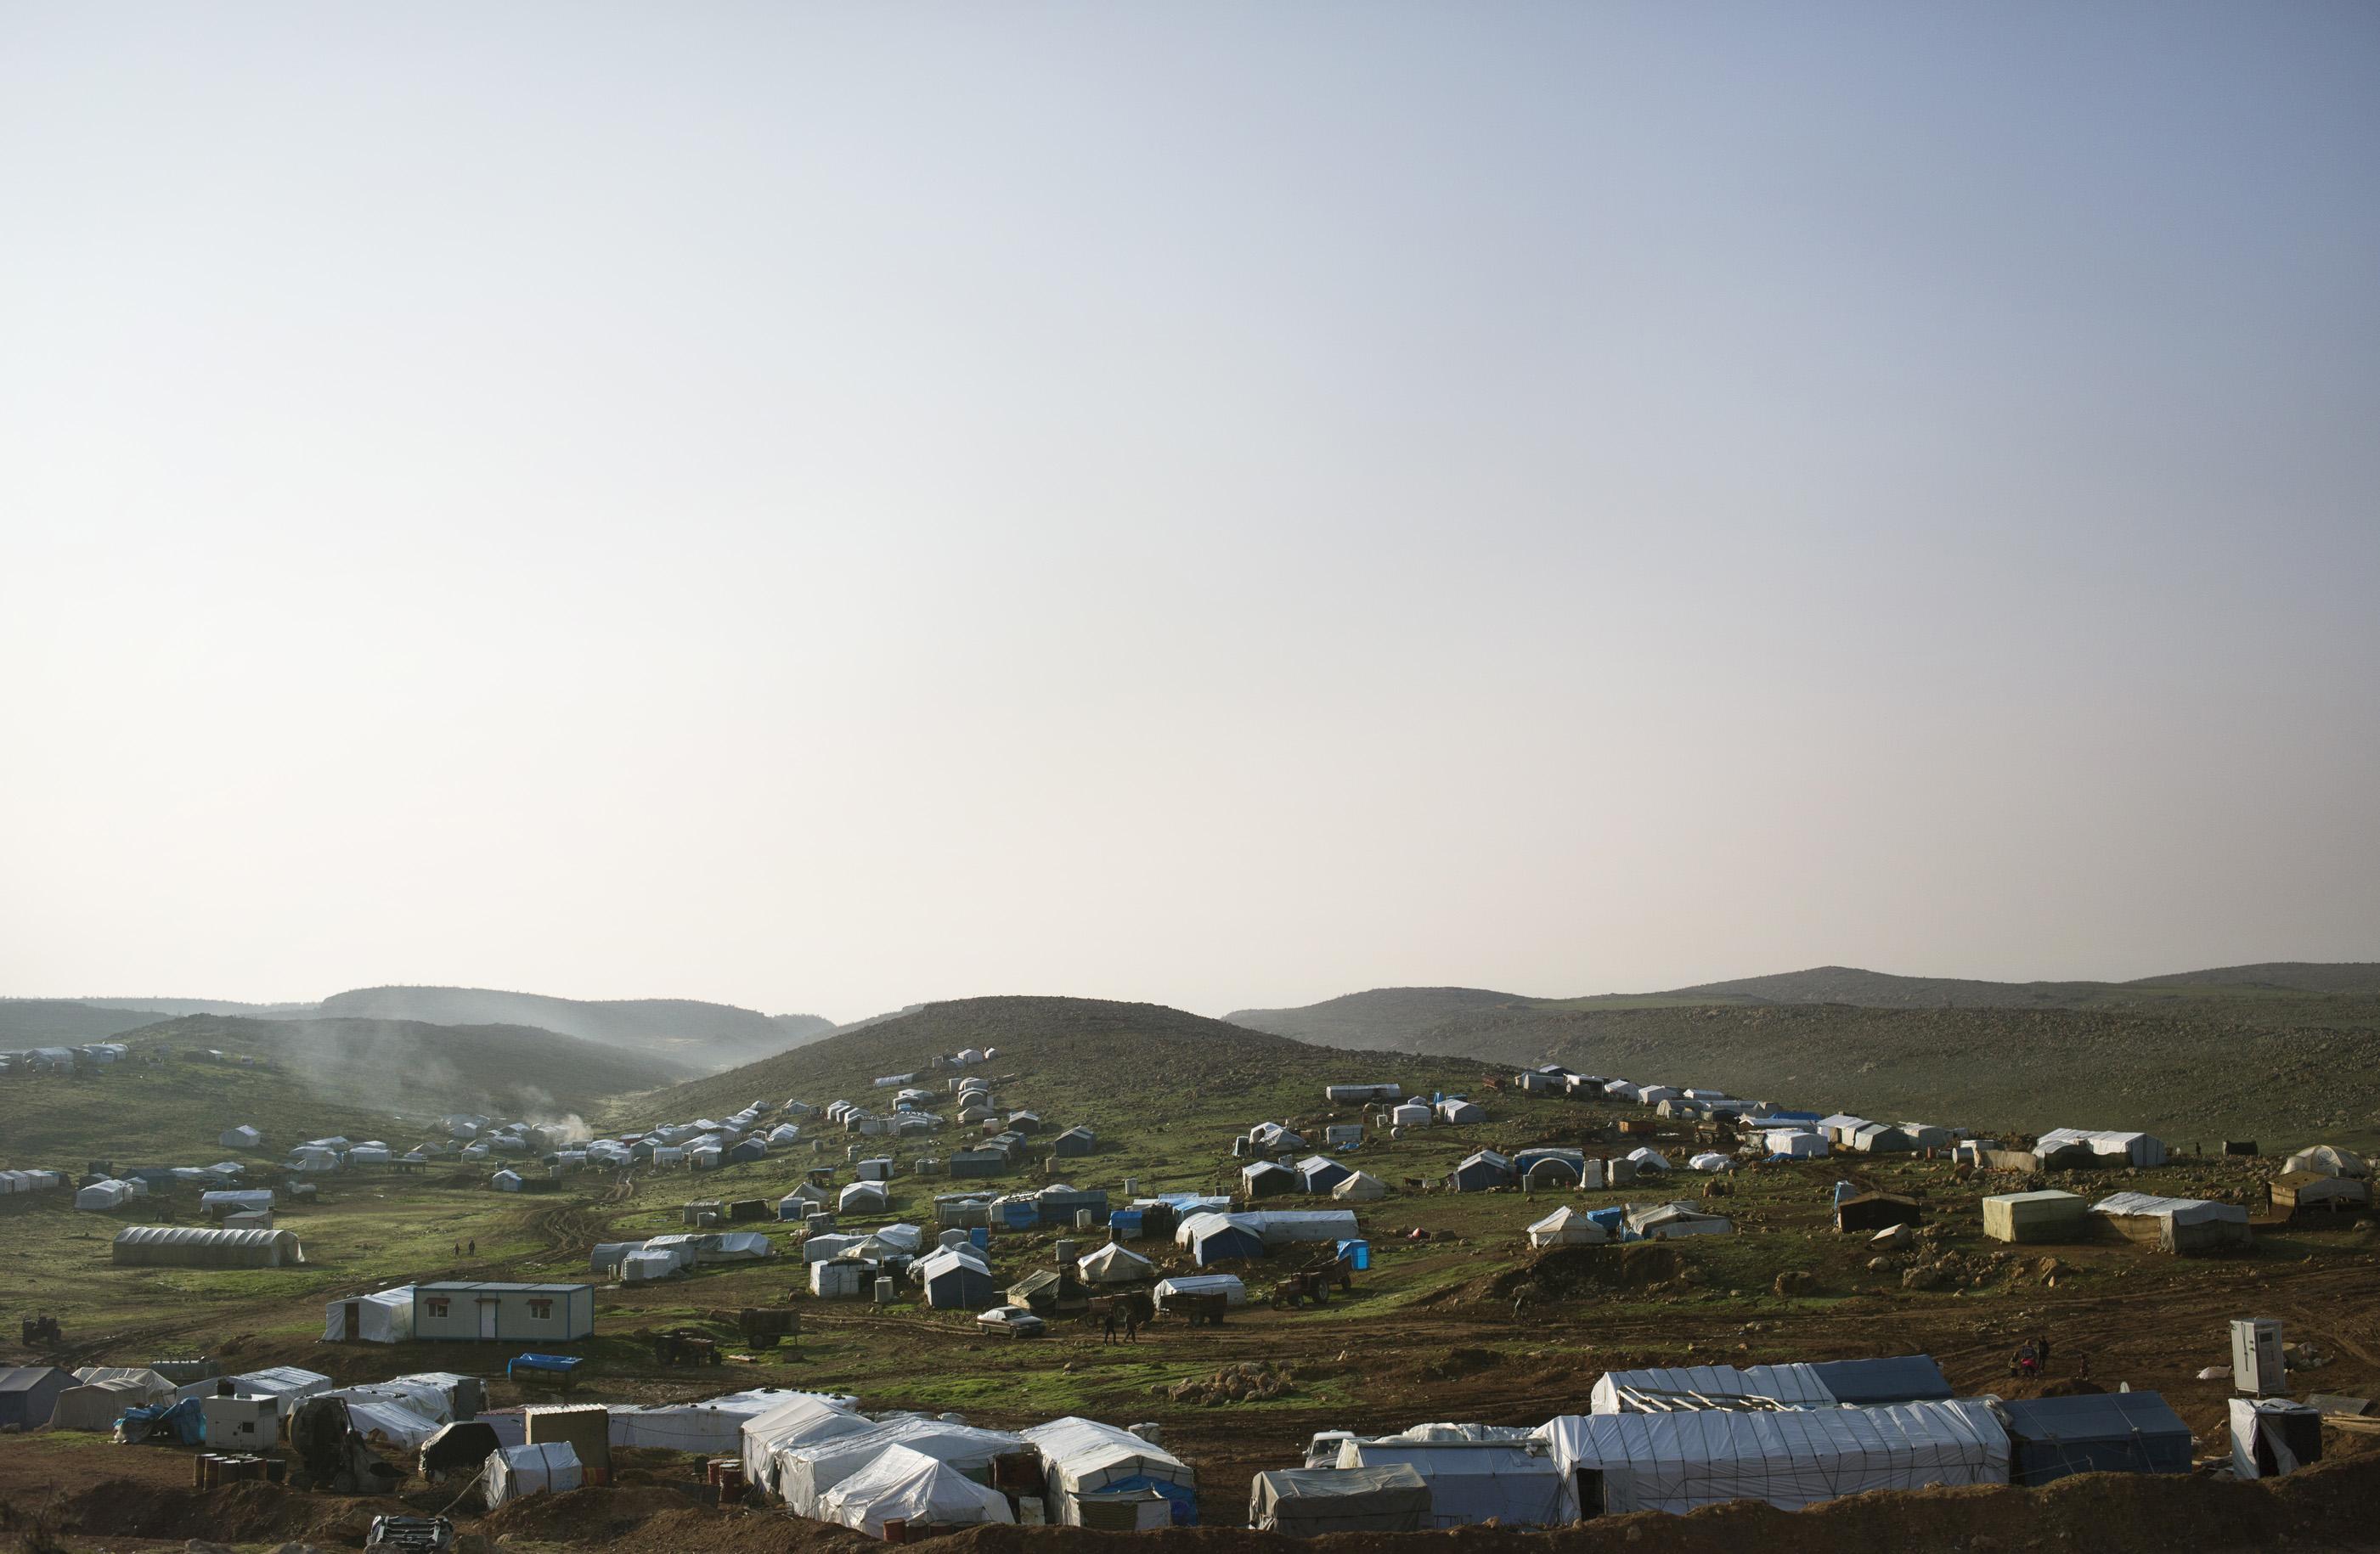 SINJAR, KURDISTAN, IRAQ- FEBRUARY, 2016: Aux portes de la ville martyr de Sinjar, les camps de refugiés Yezidis s'étalent. Les habitants traumatisés n'osent pas rentrer chez eux, dans une ville totalement detruite où les obus et les motiers pleuvent toujours. .(picture by Veronique de Viguerie/ Reportage by Getty Images )